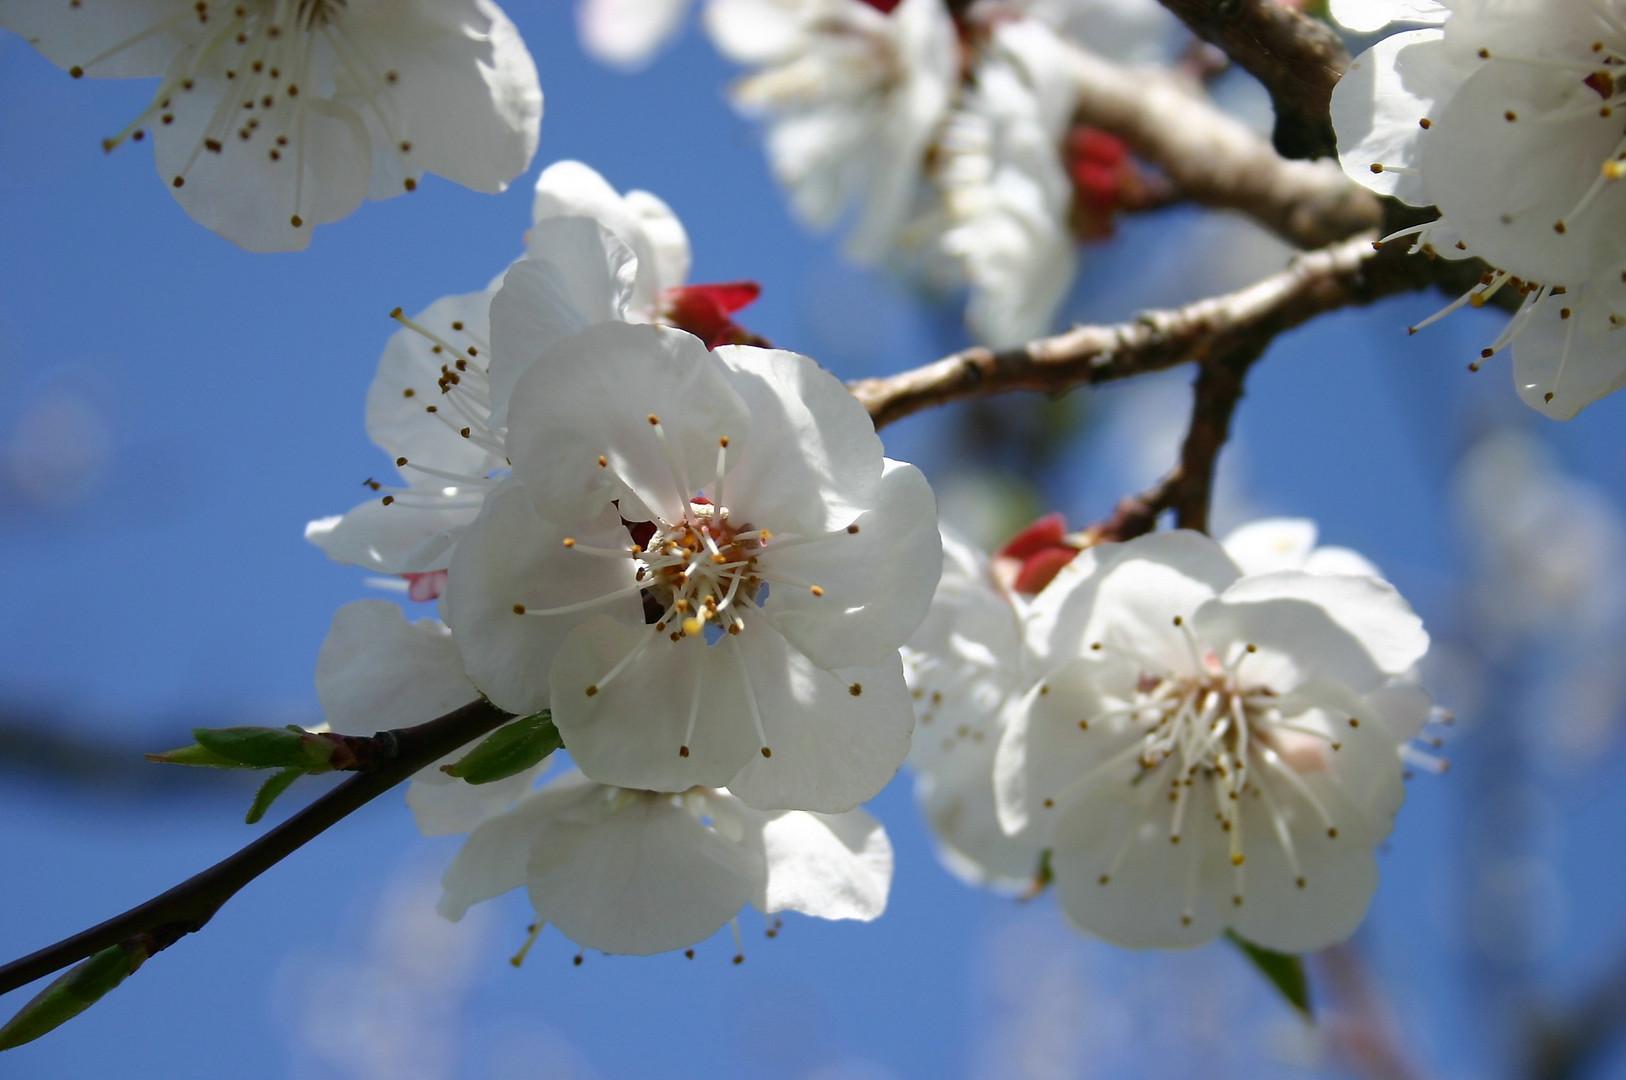 Frühling in seiner schönsten Form